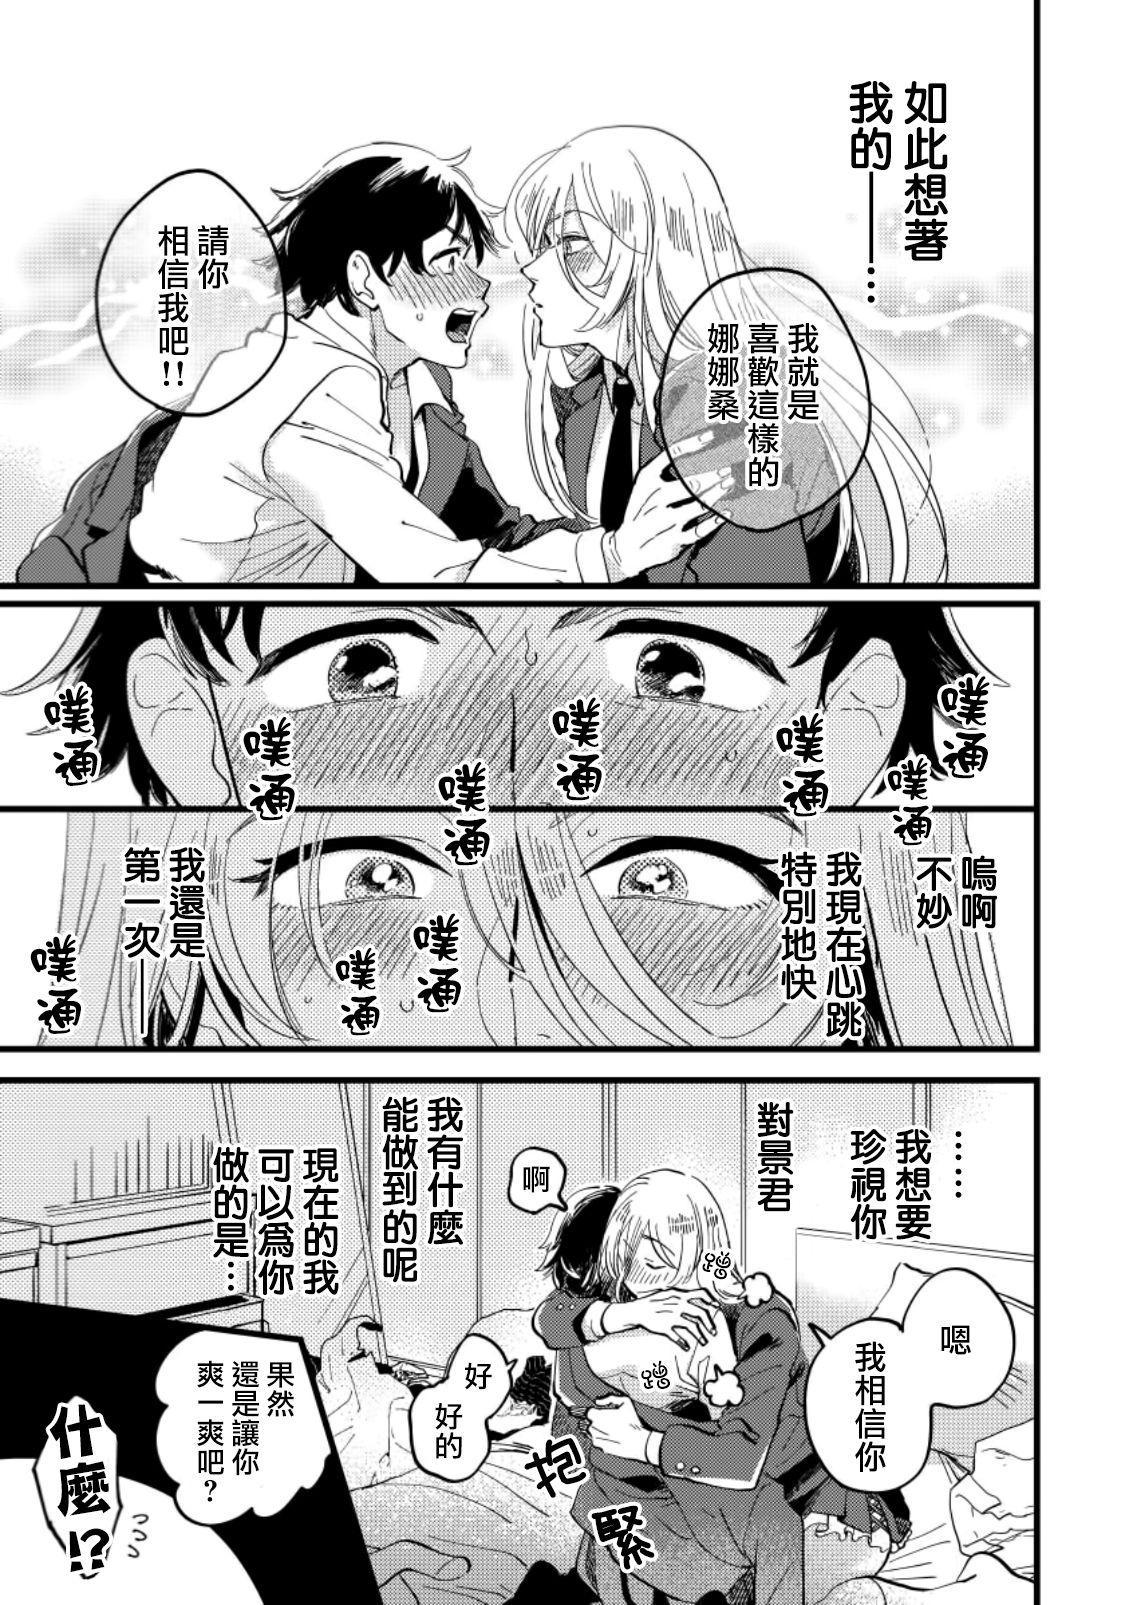 Josou Onii-san ga Nonke o Torotoro ni Naru made Kaihatsu Shitara 4 丨女裝大哥哥把直男黏糊糊的地方開發了的話 只靠後面高潮的樣子讓我看看吧 4 17